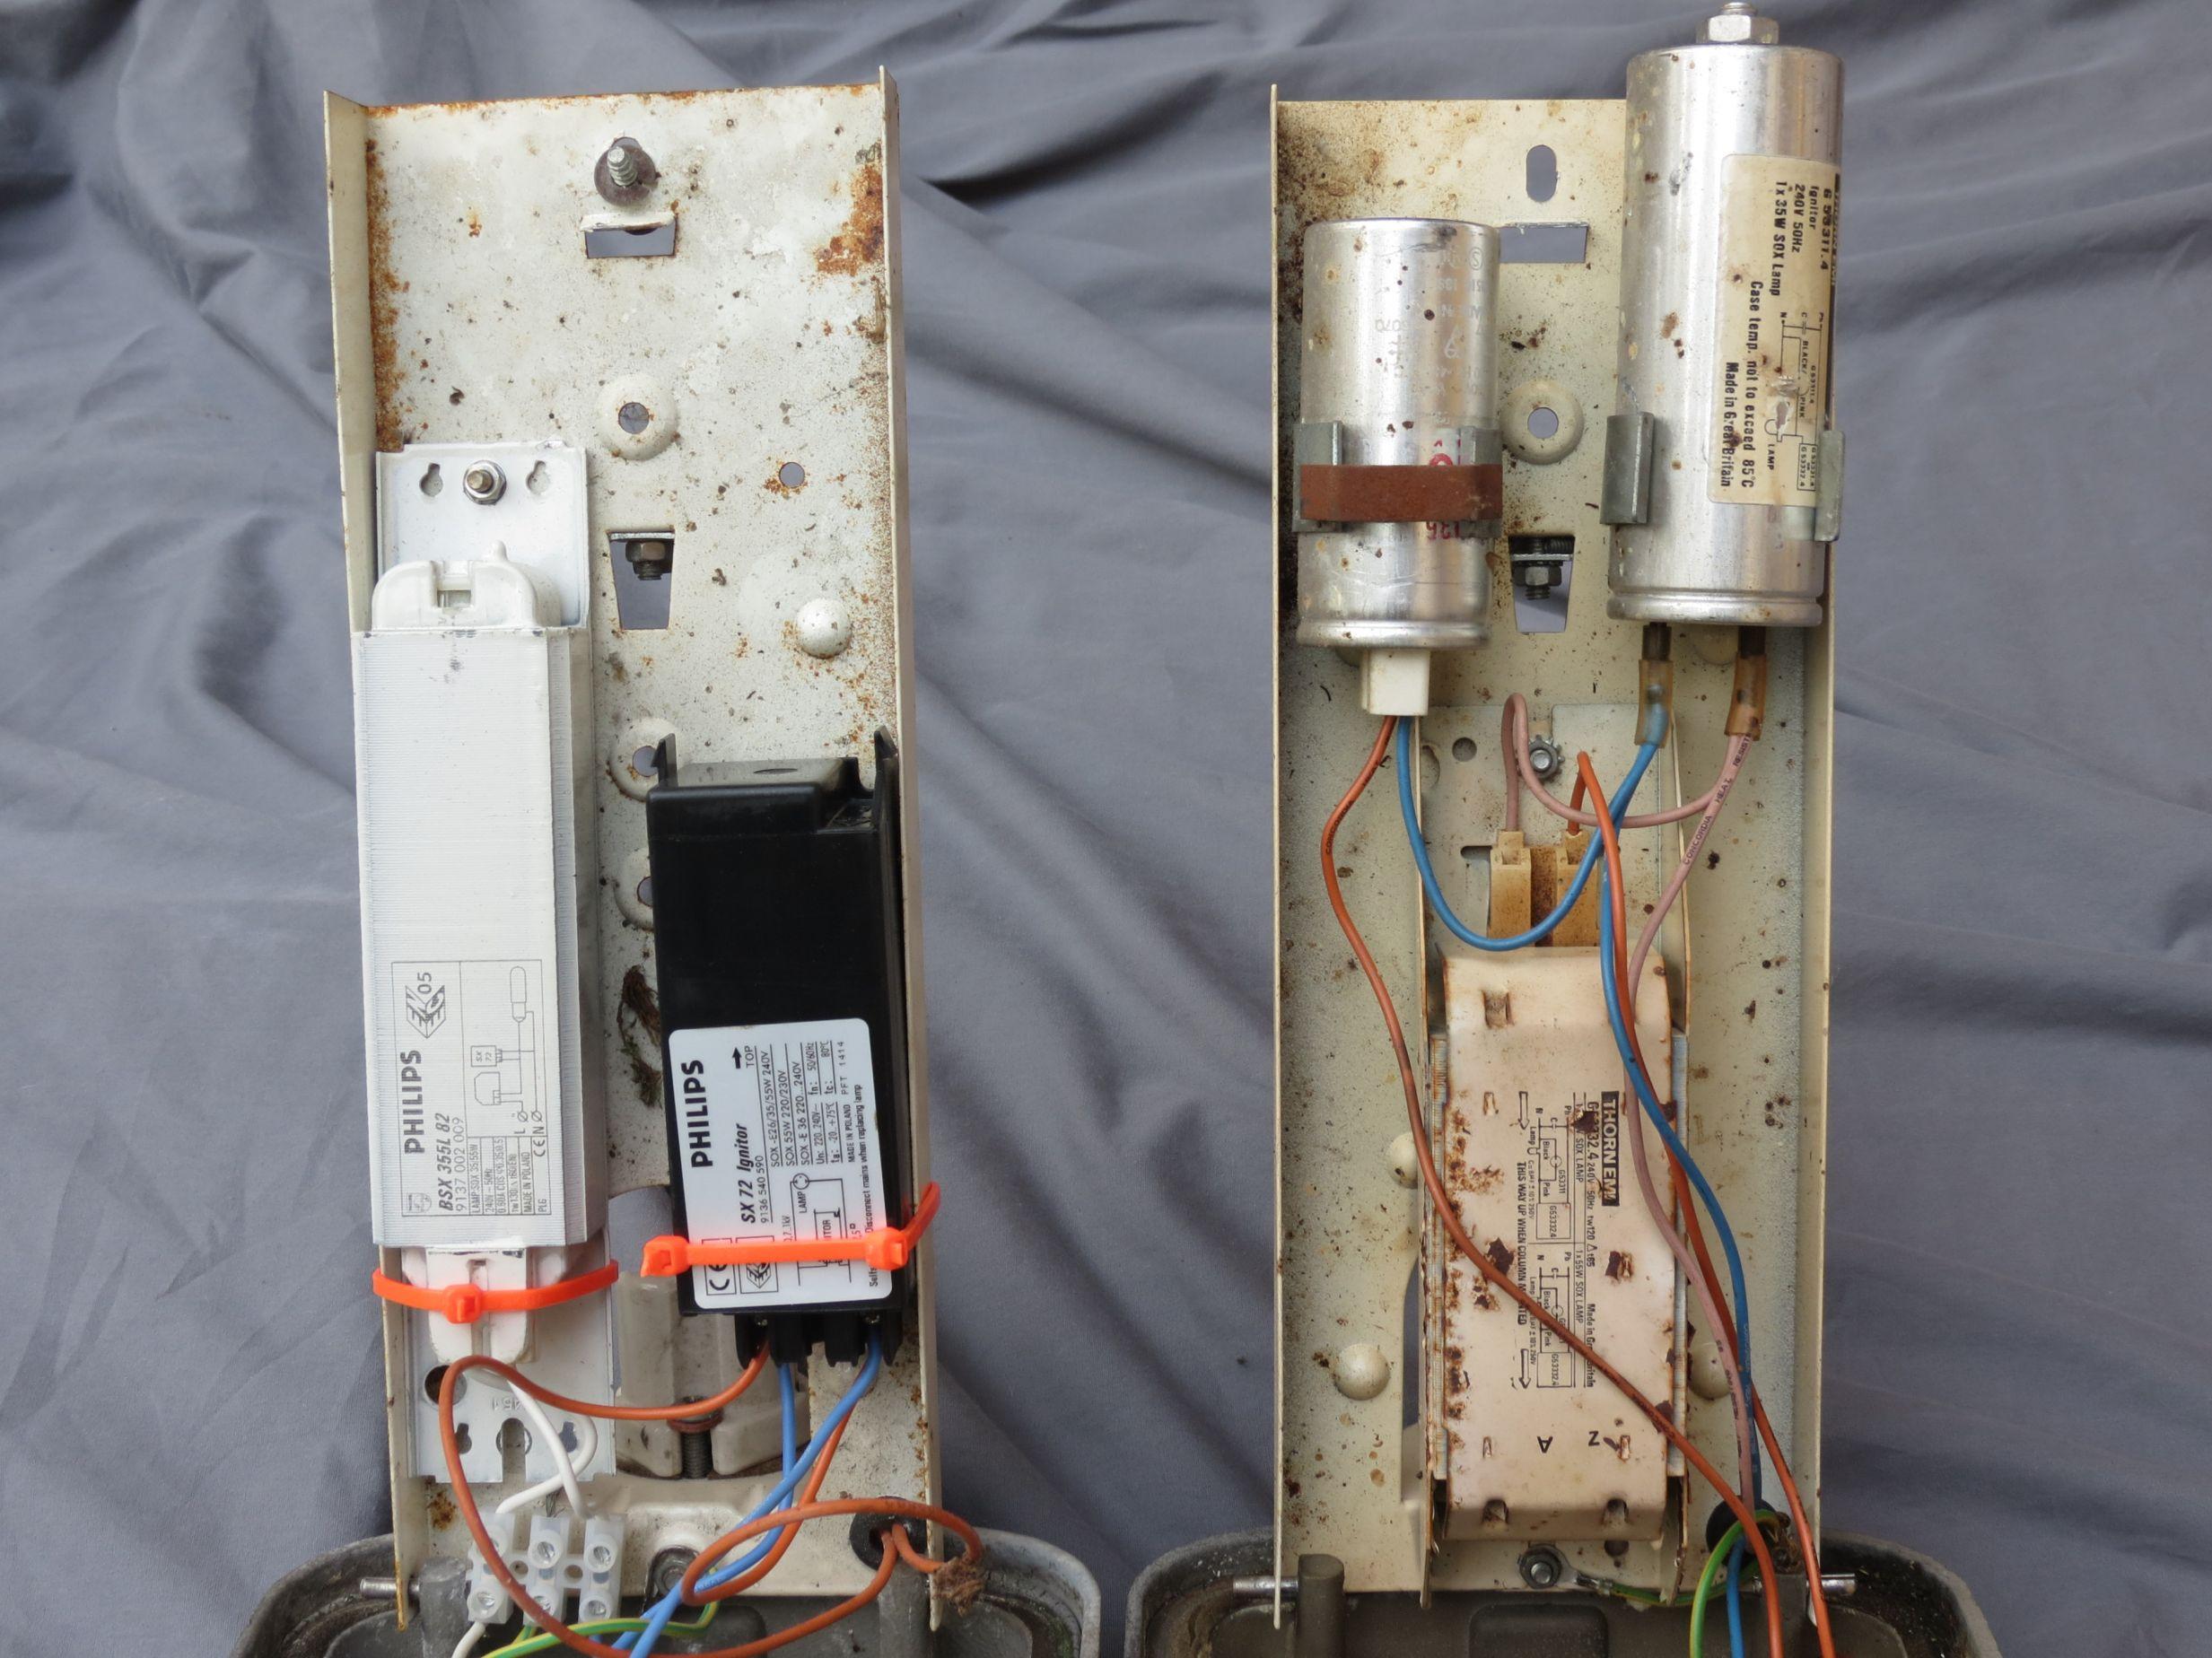 running 50hz ballast on 60hz supply